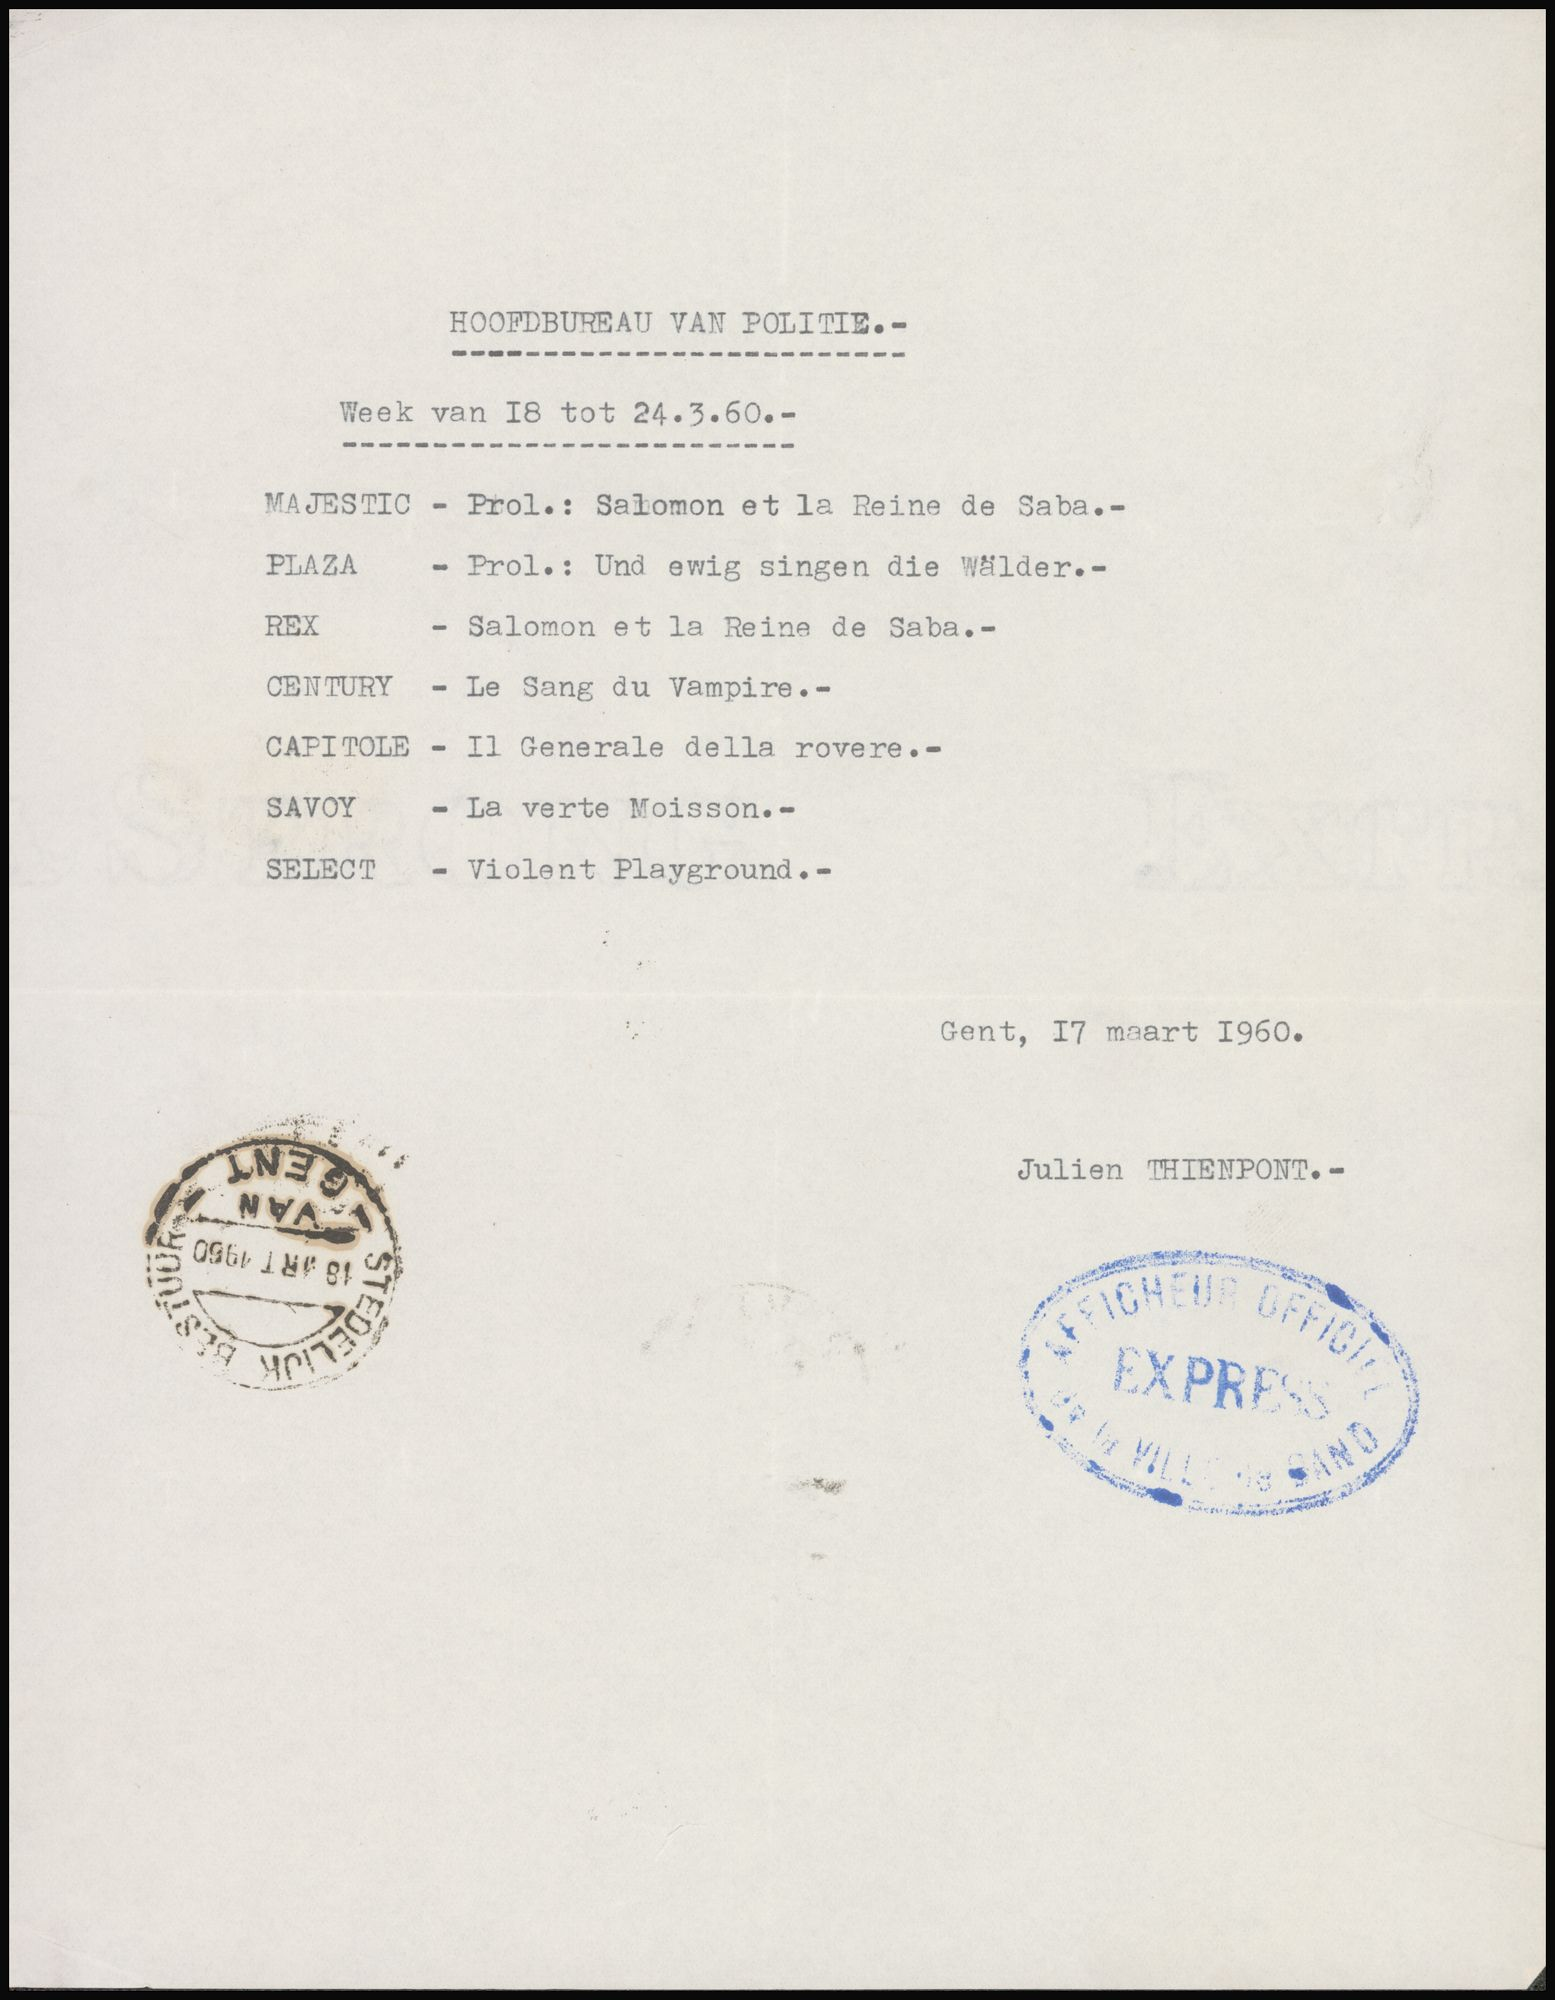 Lijst van filmaffiches afgegeven aan het hoofdbureau van politie, Gent, week van 18 tot 24 maart 1960